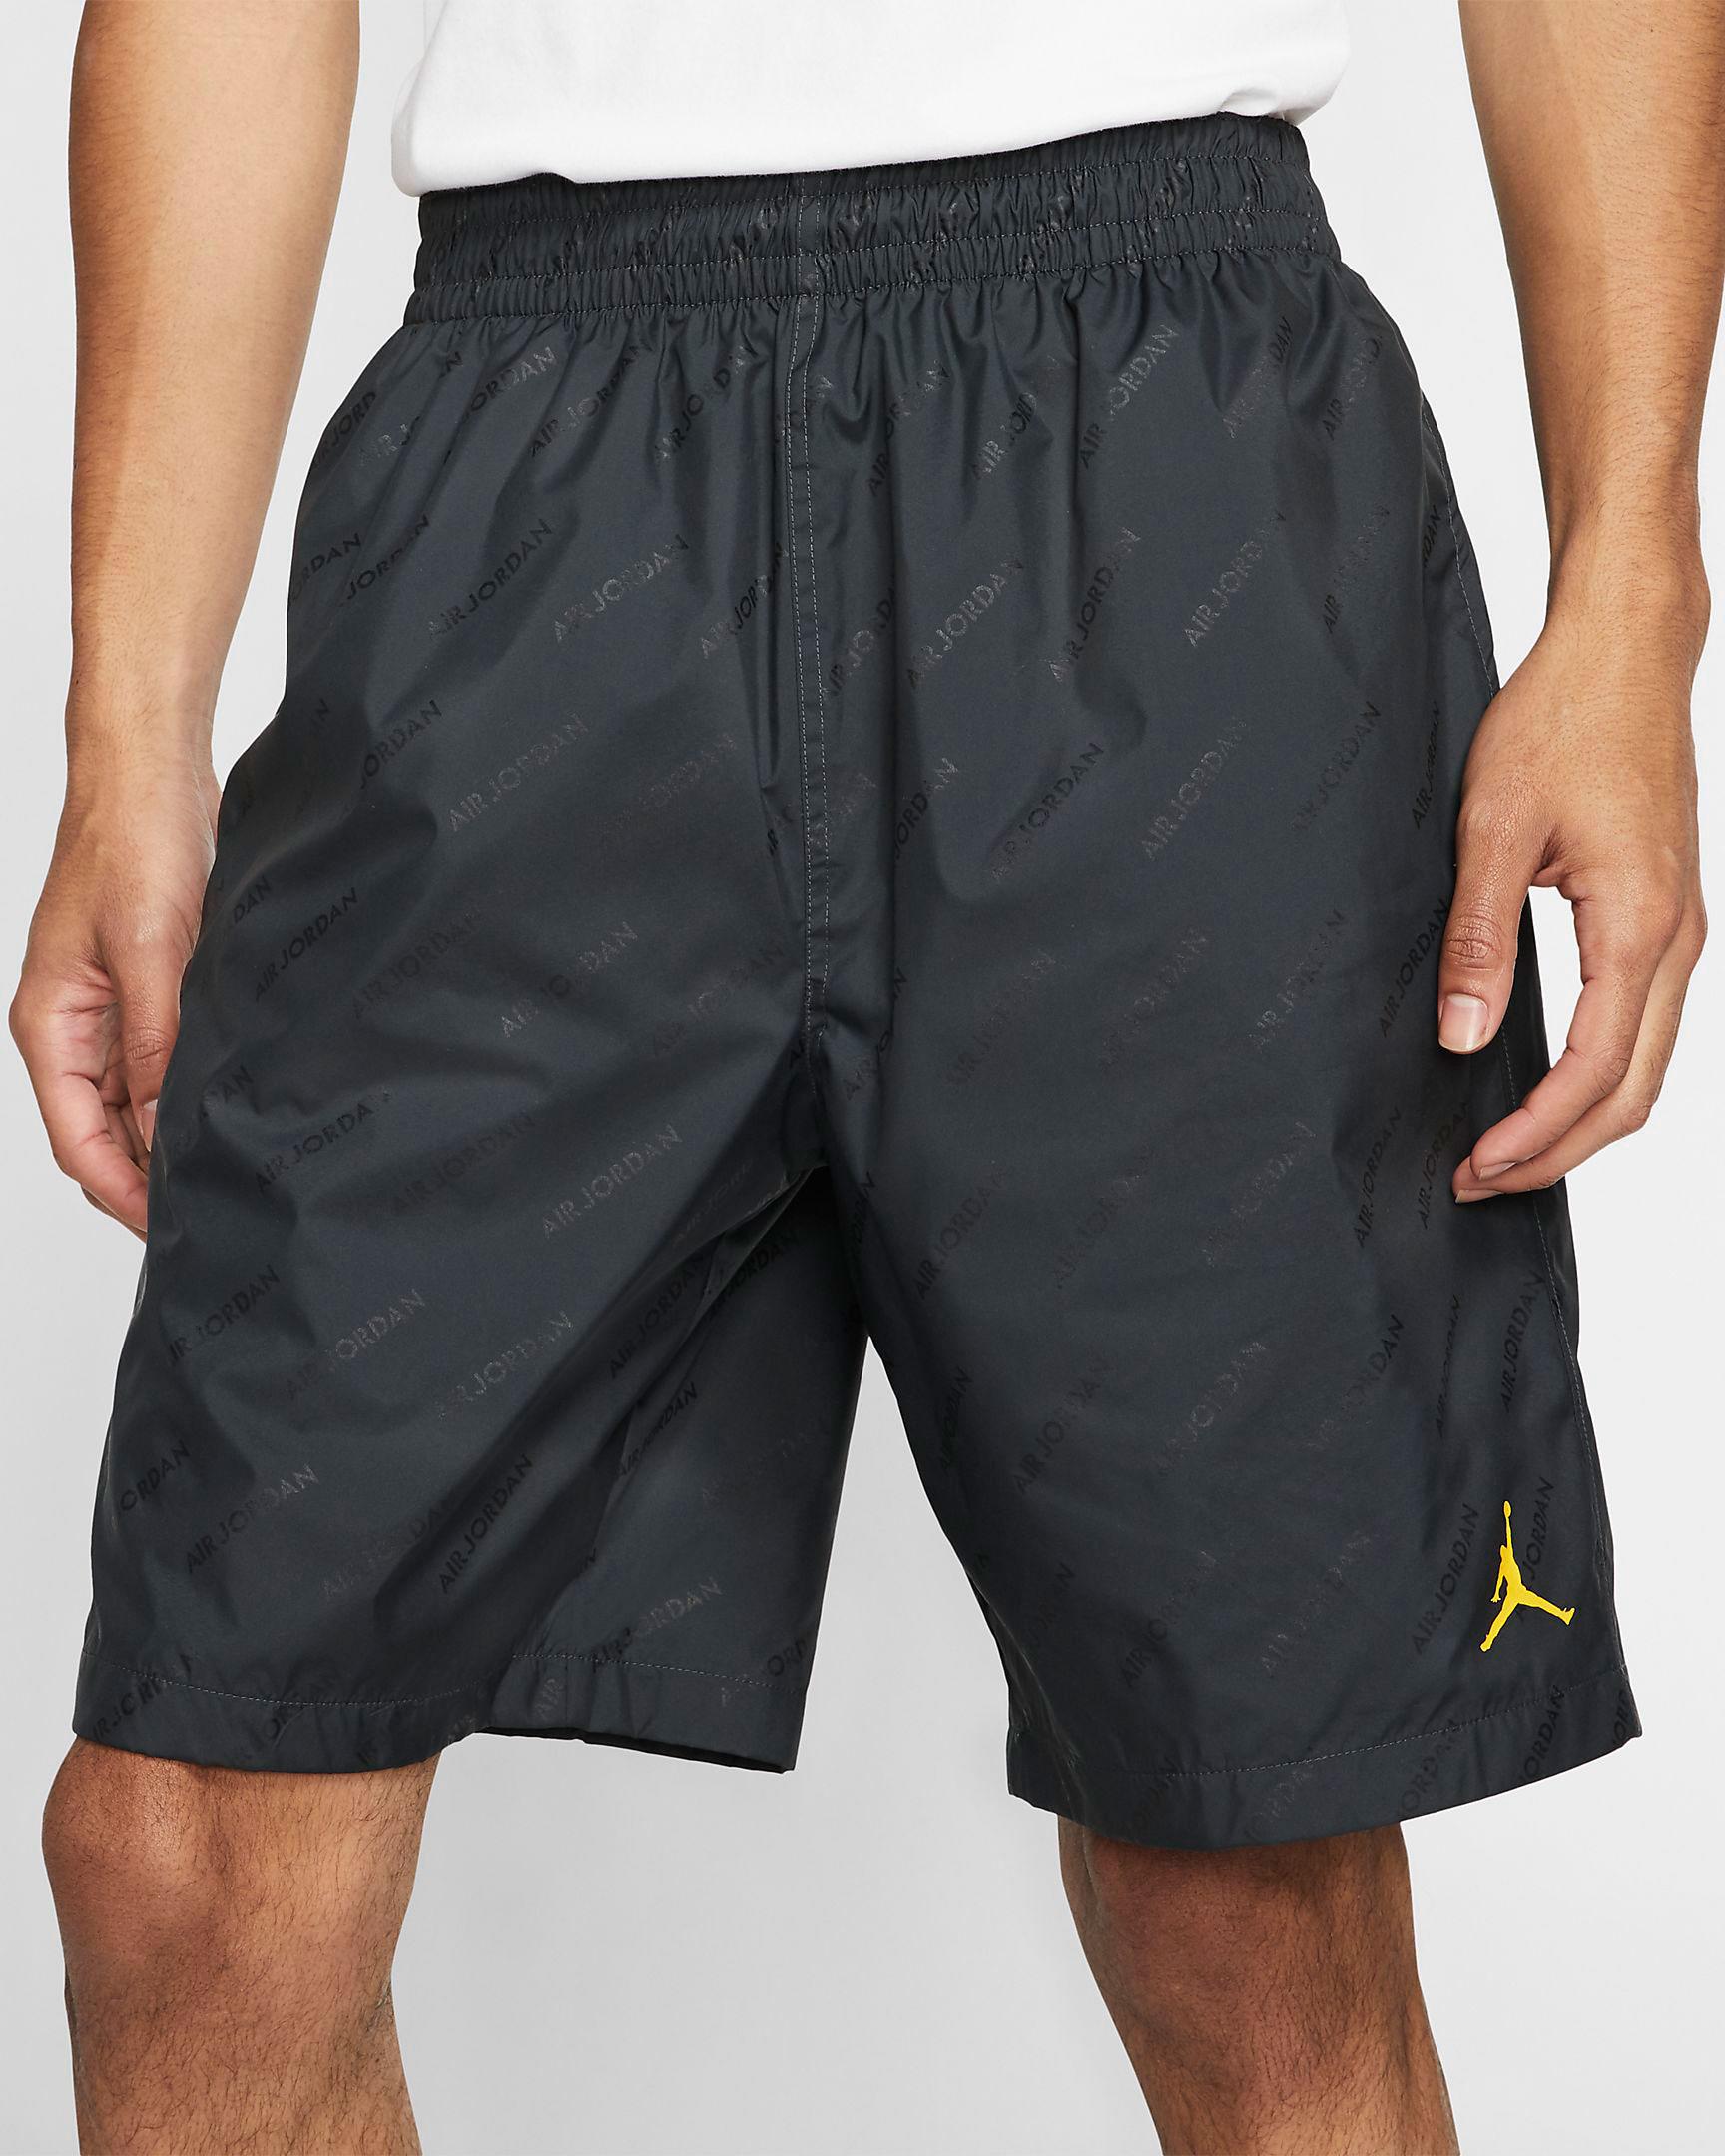 air-jordan-4-cool-grey-2019-shorts-1